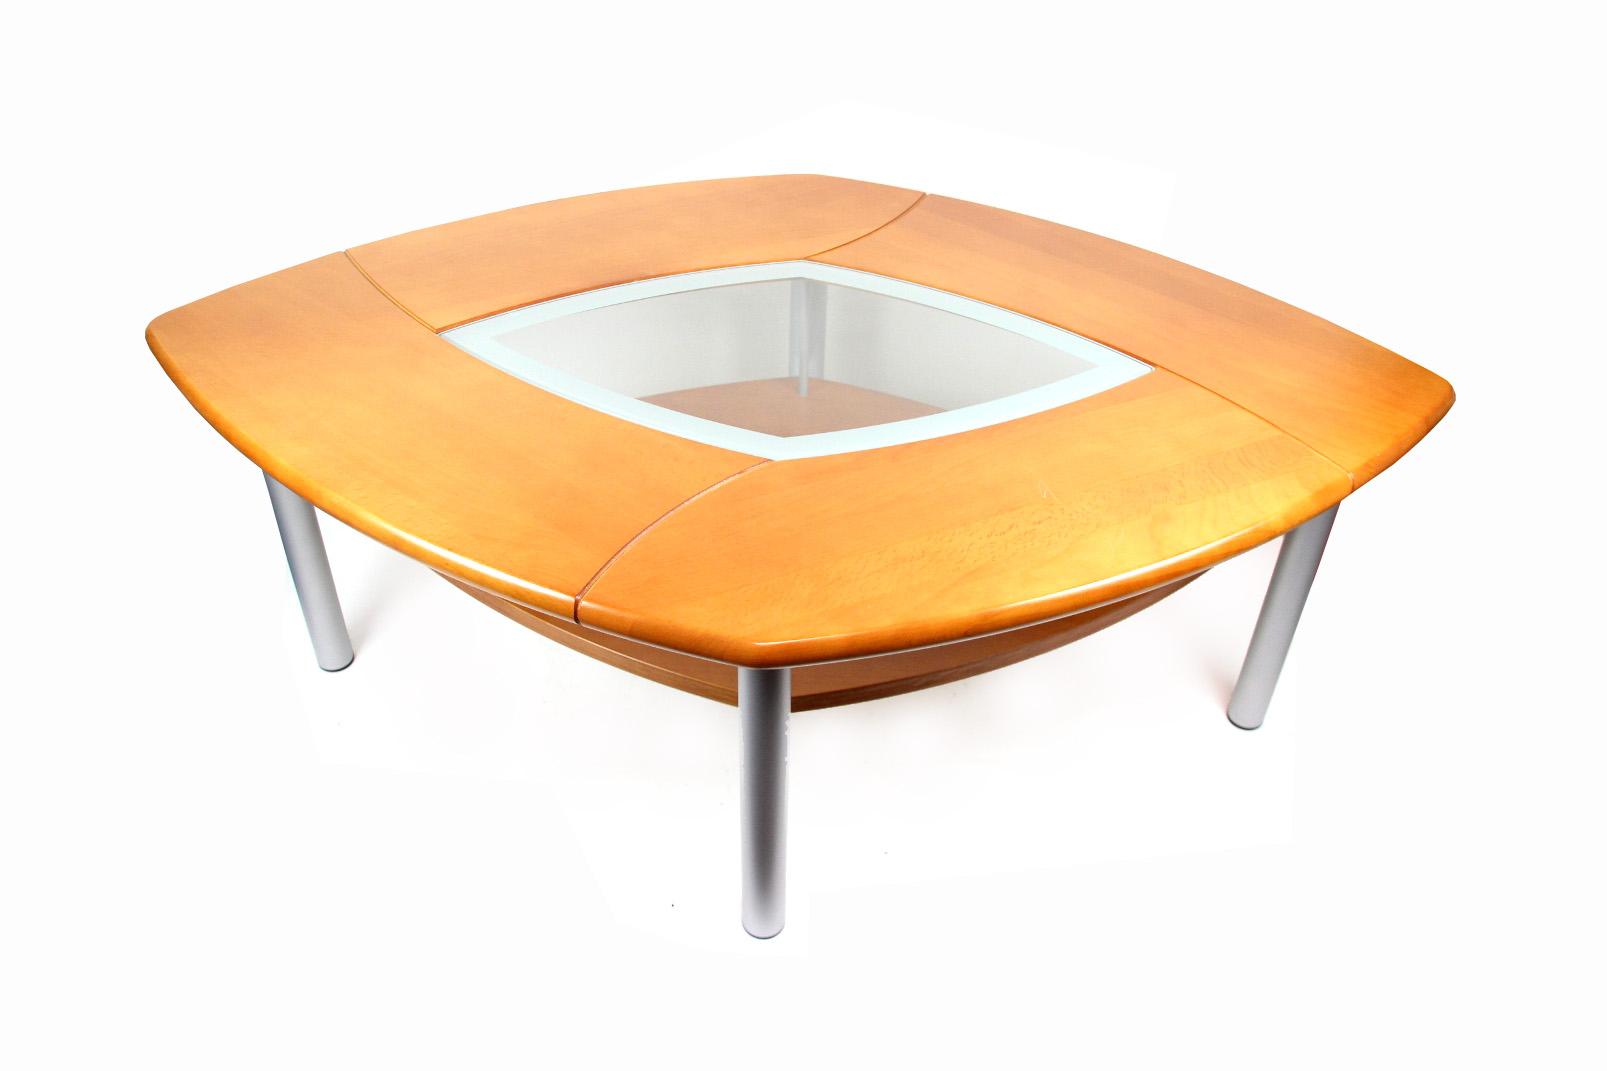 Holz couch beistell tisch kirschbaum silber raute glas for Beistelltisch lang